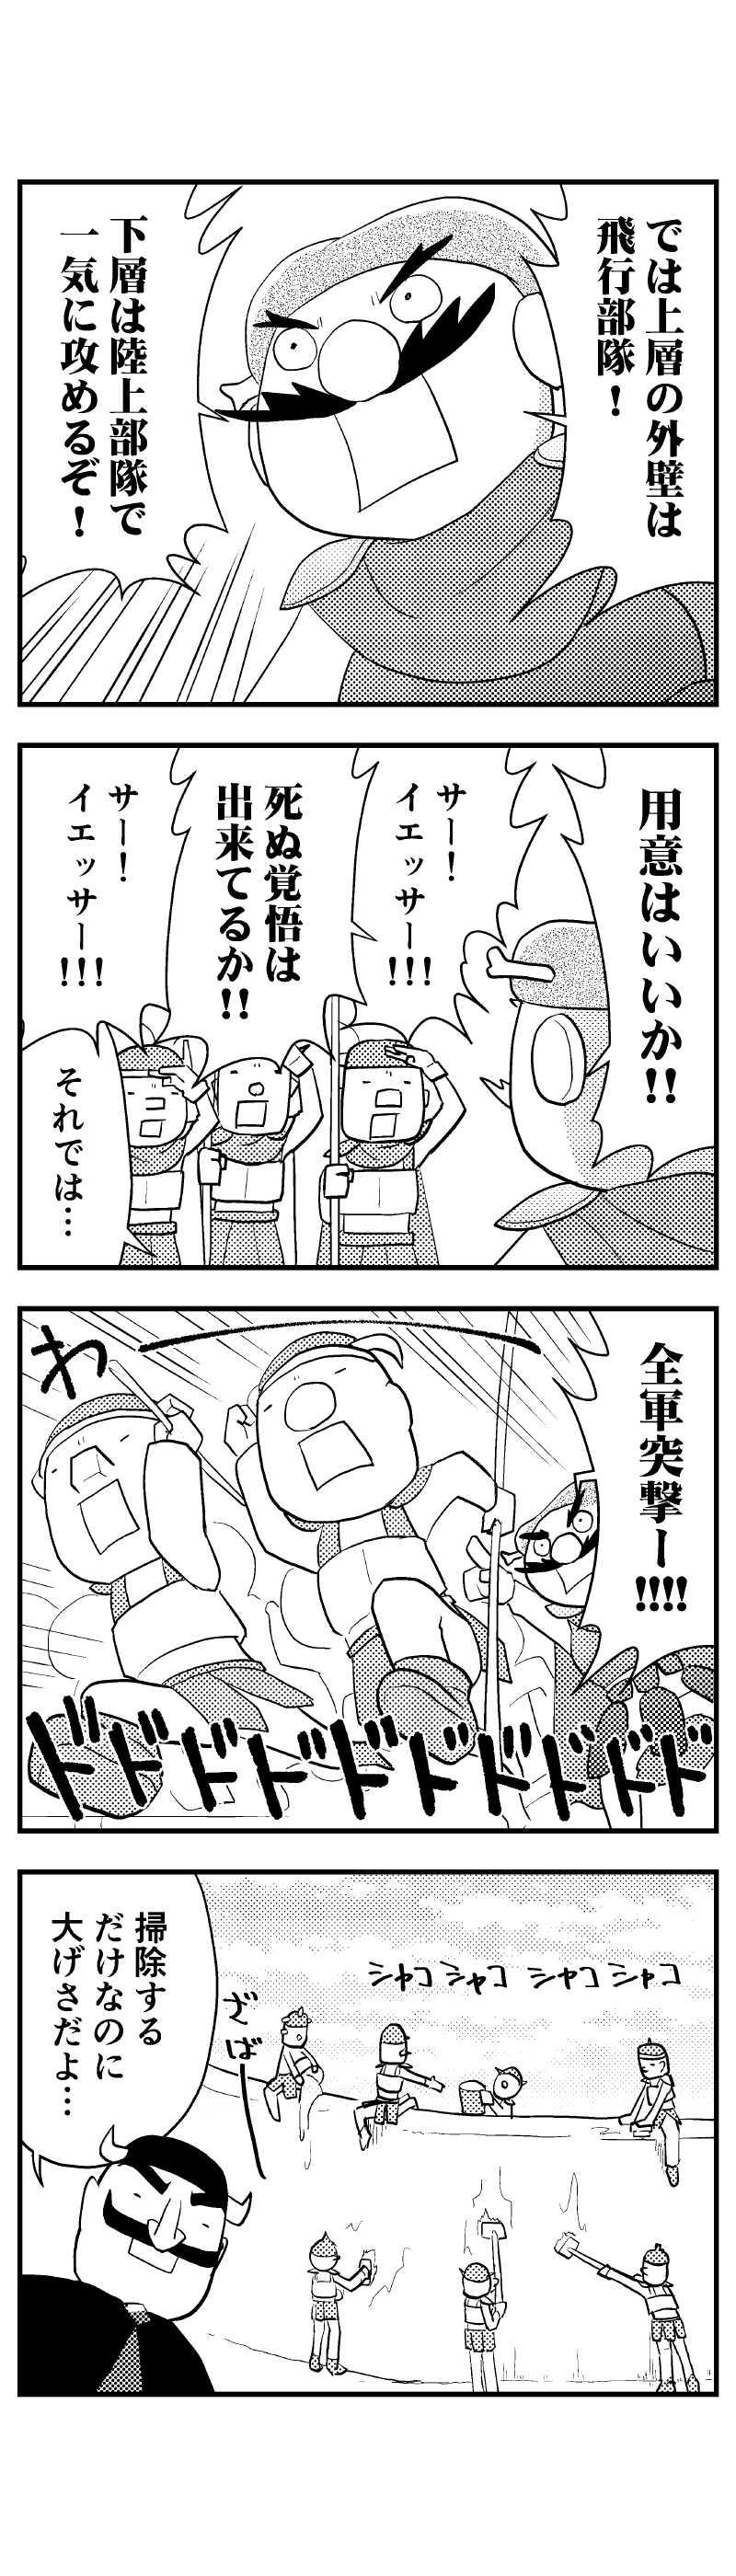 068 大掃除日